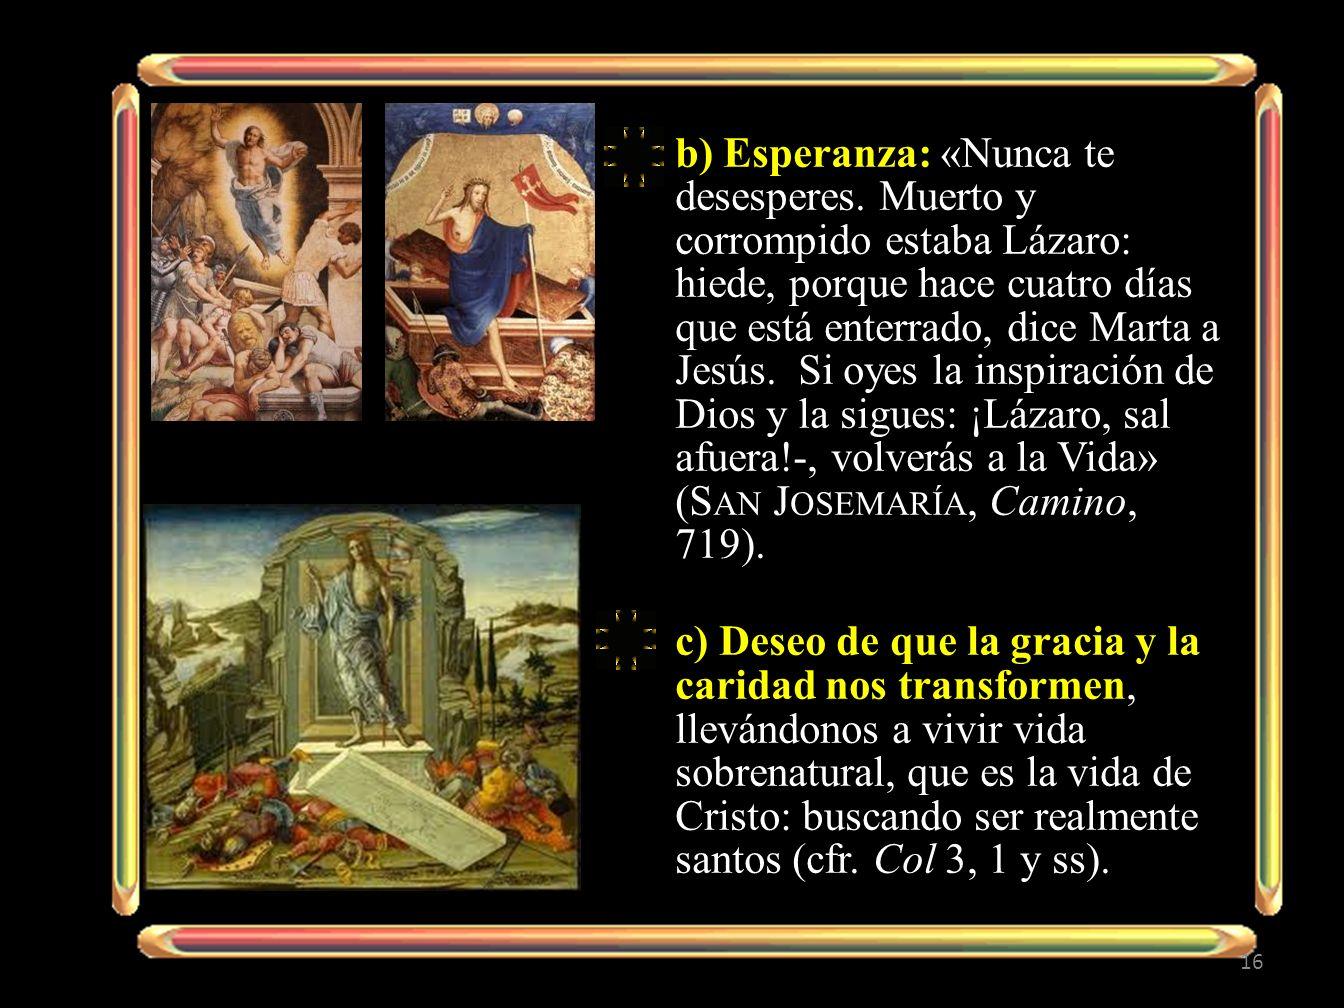 b) Esperanza: «Nunca te desesperes. Muerto y corrompido estaba Lázaro: hiede, porque hace cuatro días que está enterrado, dice Marta a Jesús. Si oyes